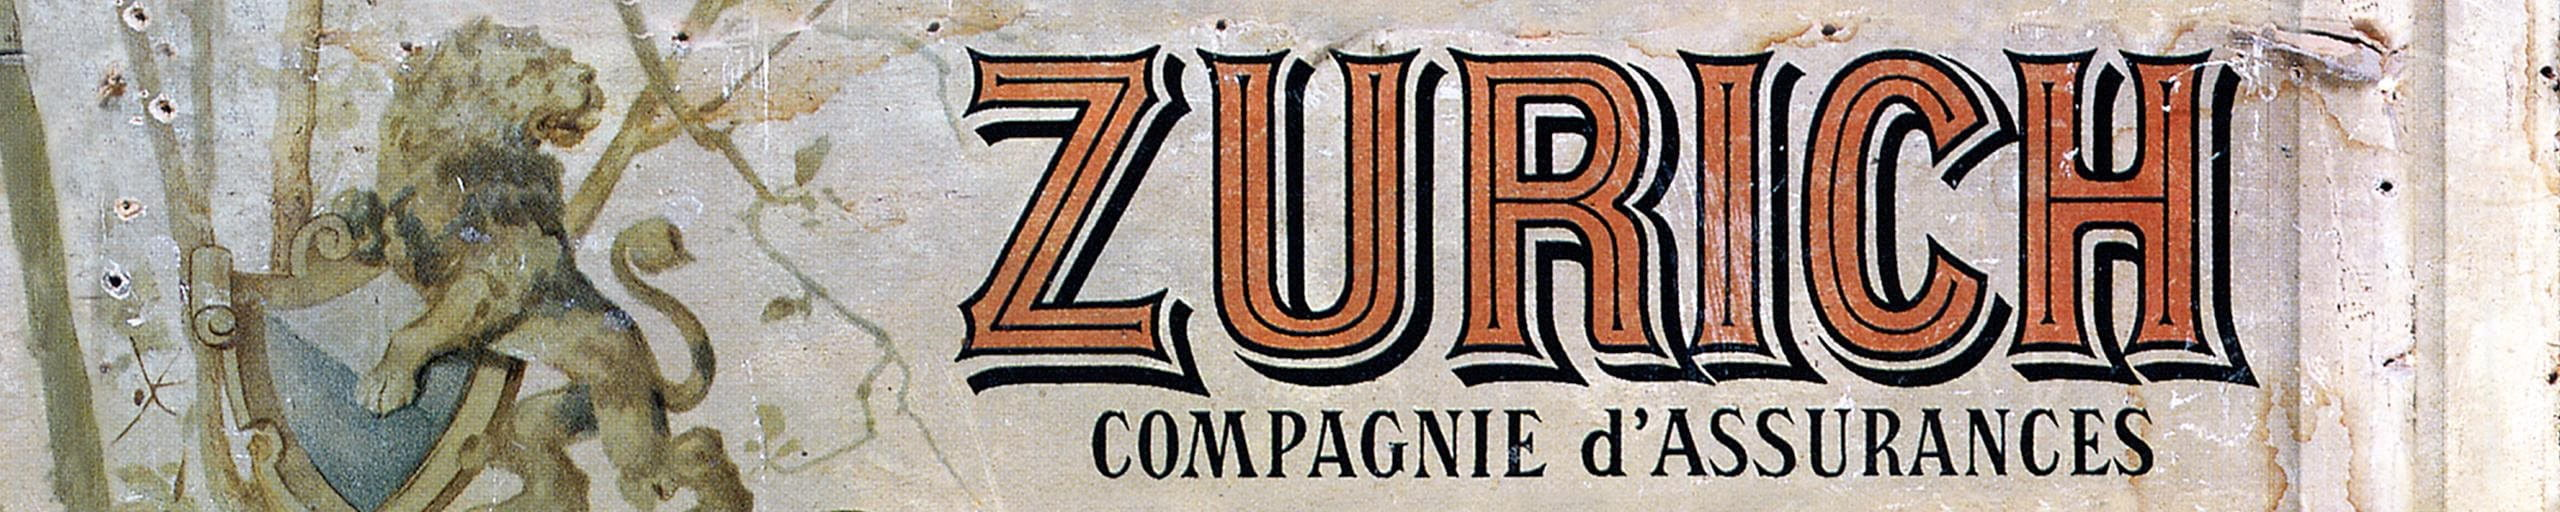 Un cartello vecchio della Zurich.